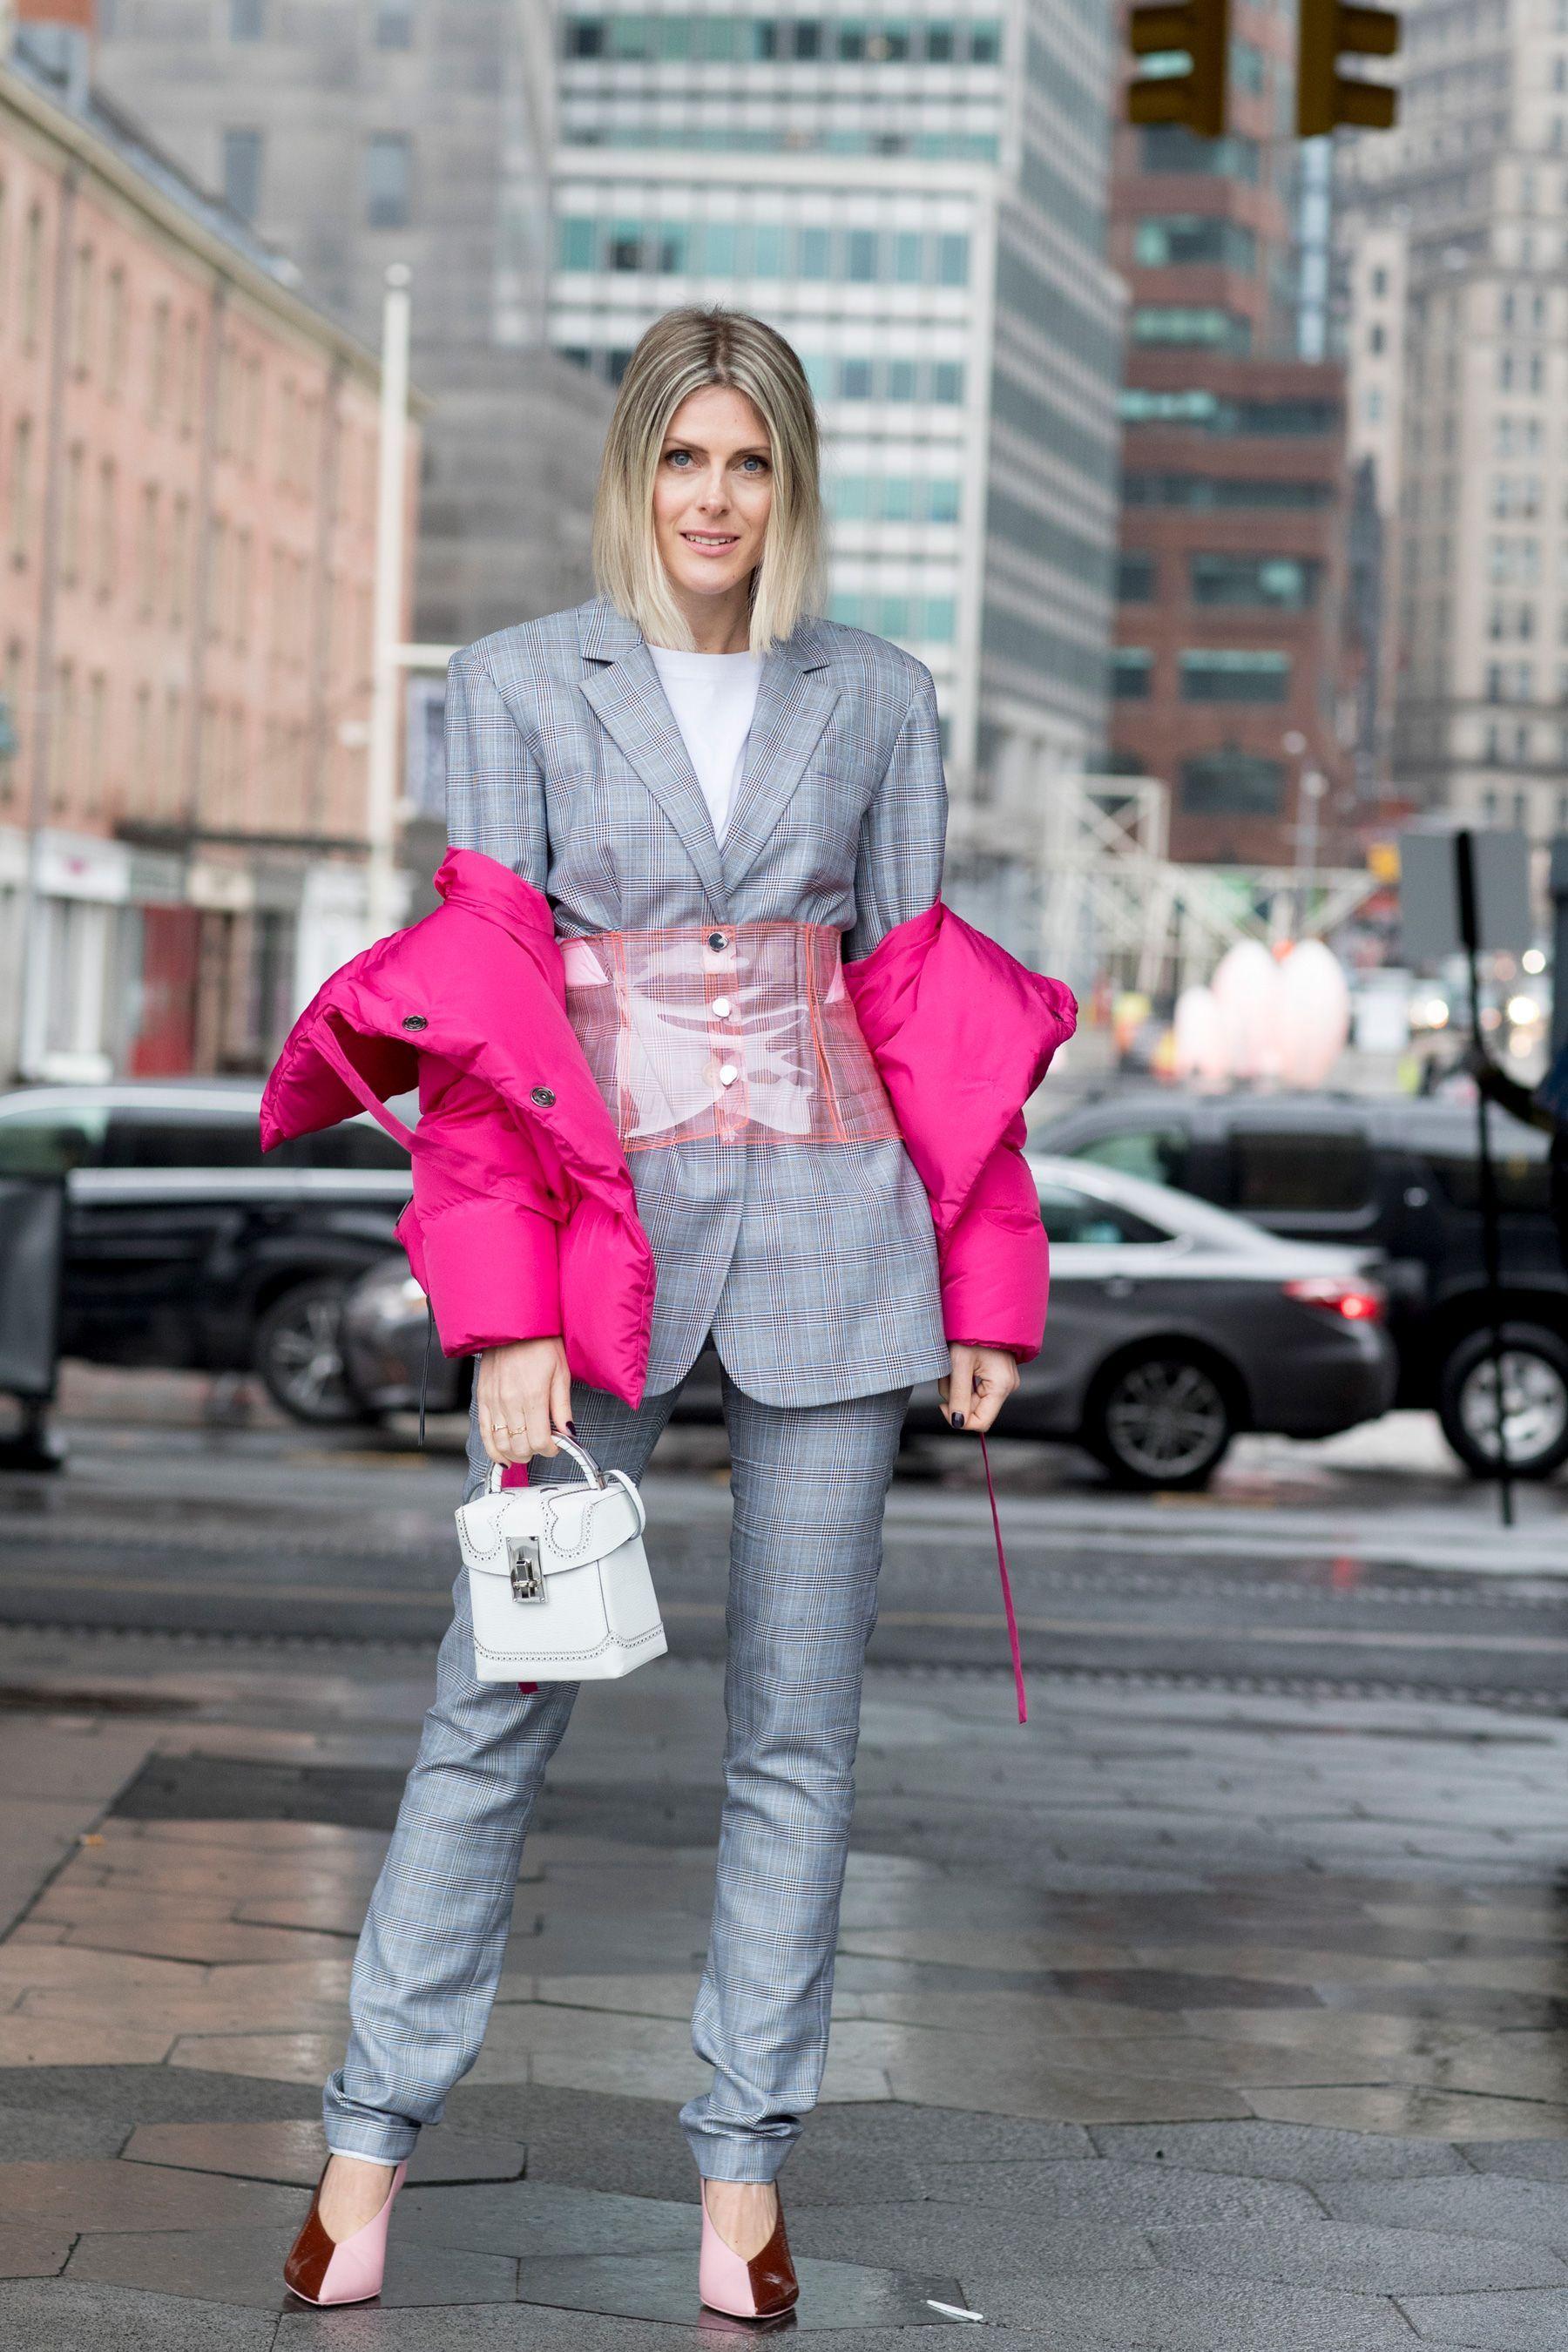 New York Fashion Week Street Style Fall 2018 Day 4   Fashion street ... fb75b4f6b18